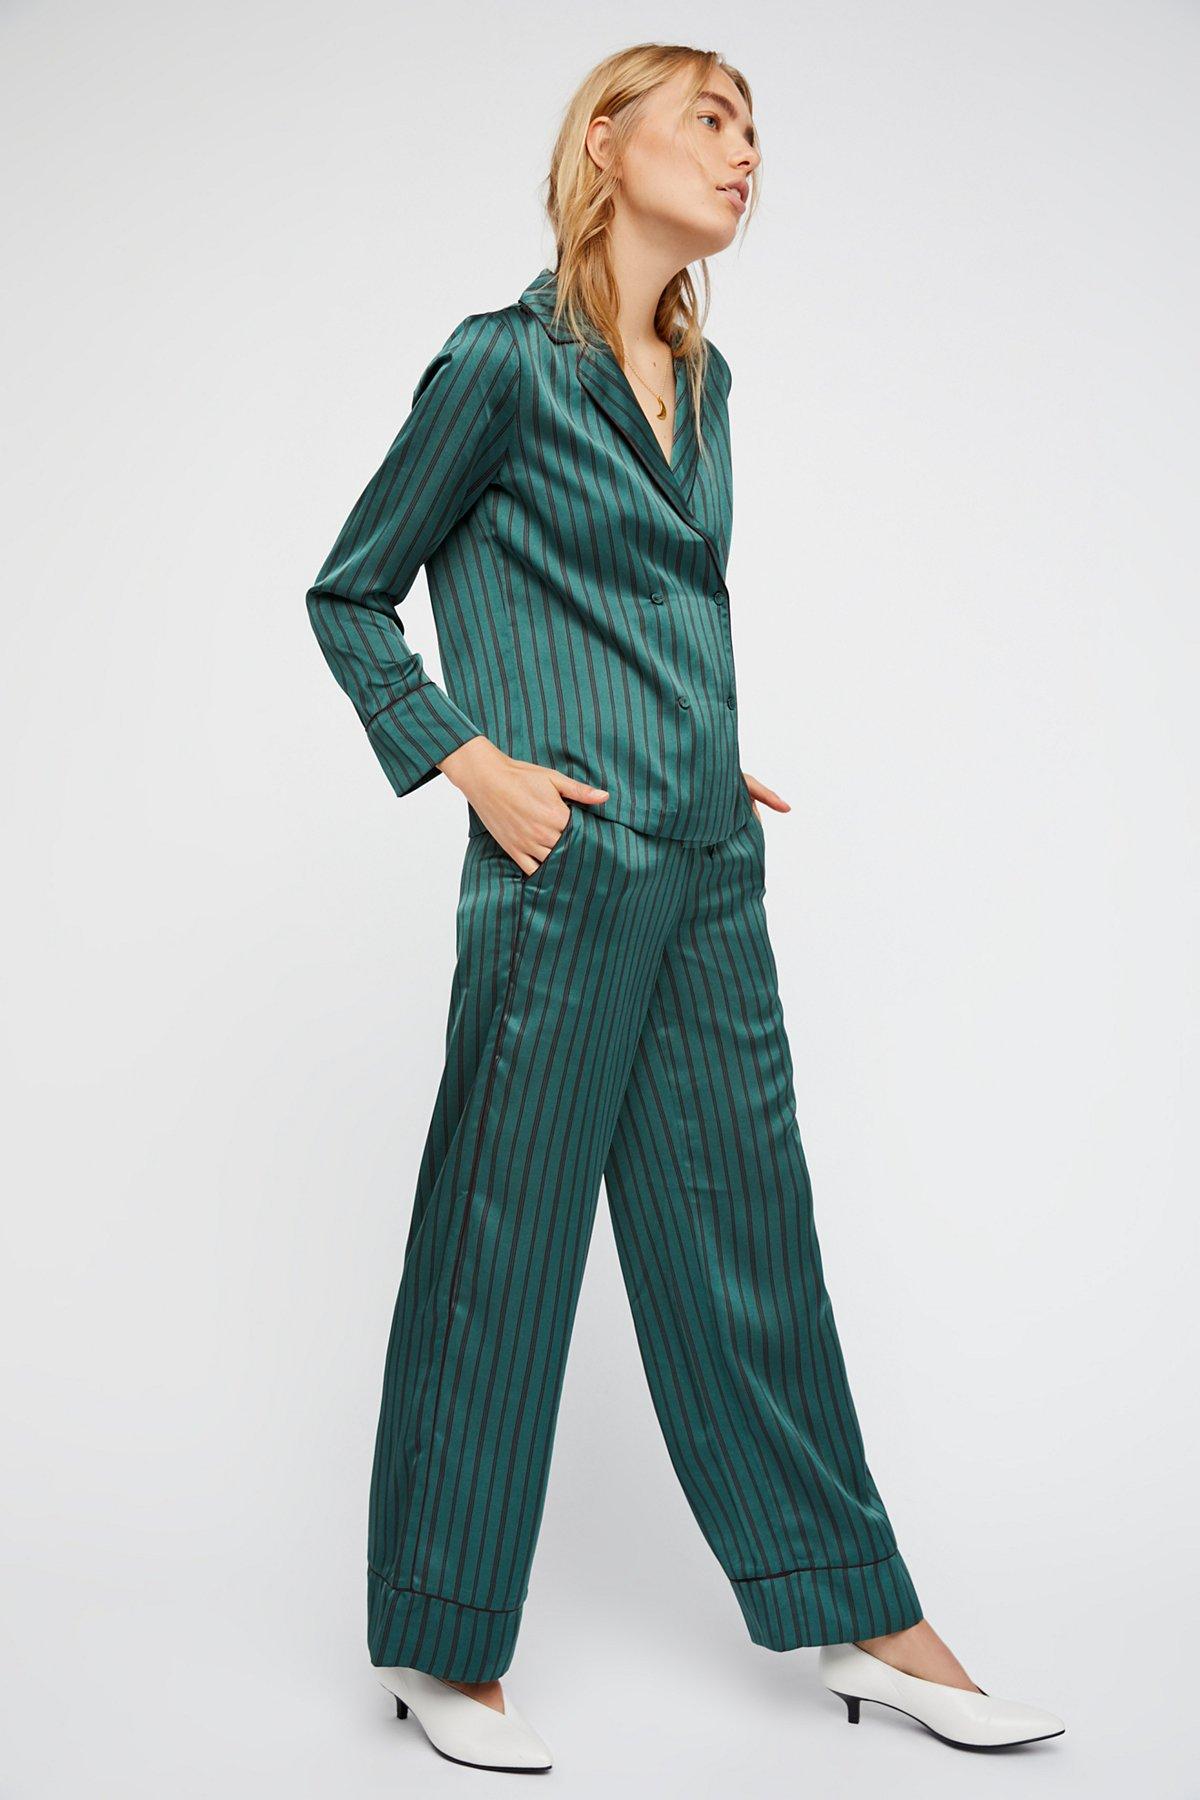 条纹丝感西服套装